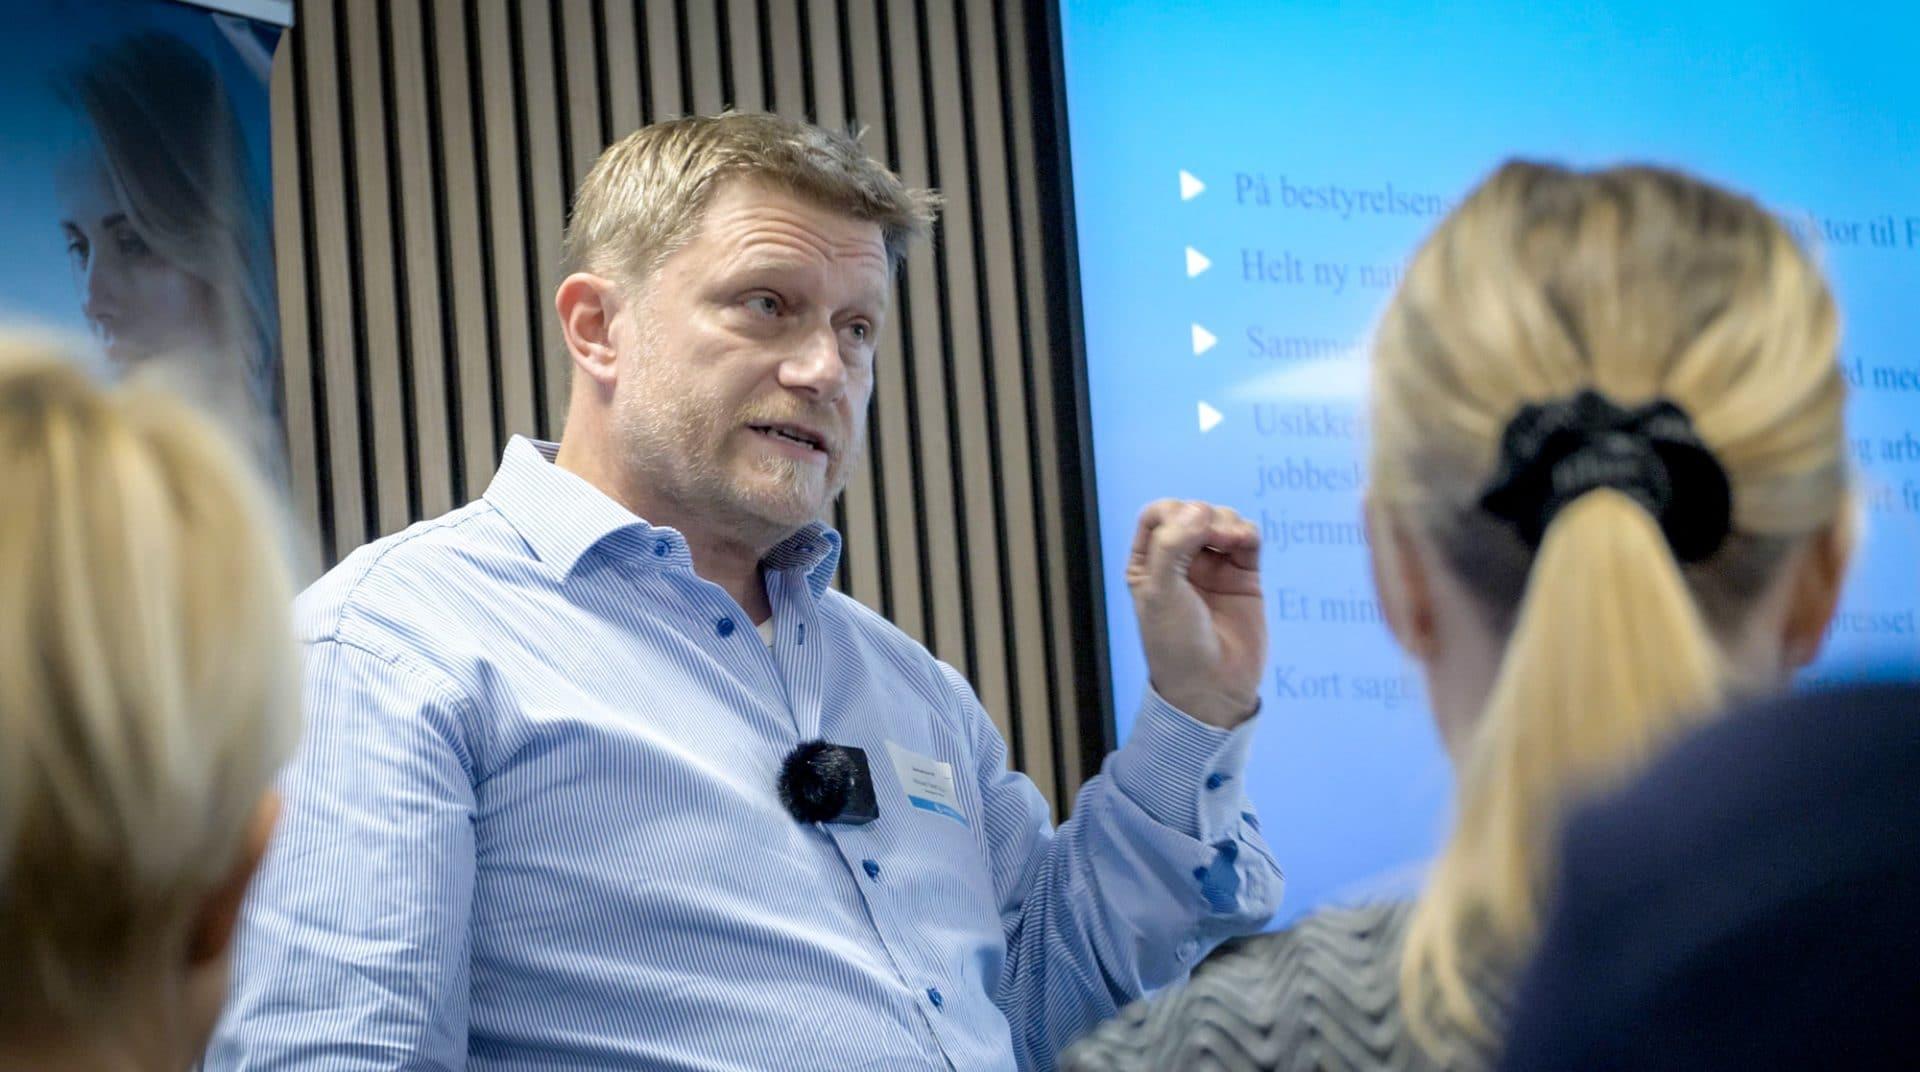 Gentofte Kommune brugte LinkedIn Premium med et ekstra boost for at rekruttere en kandidat til en lederstilling